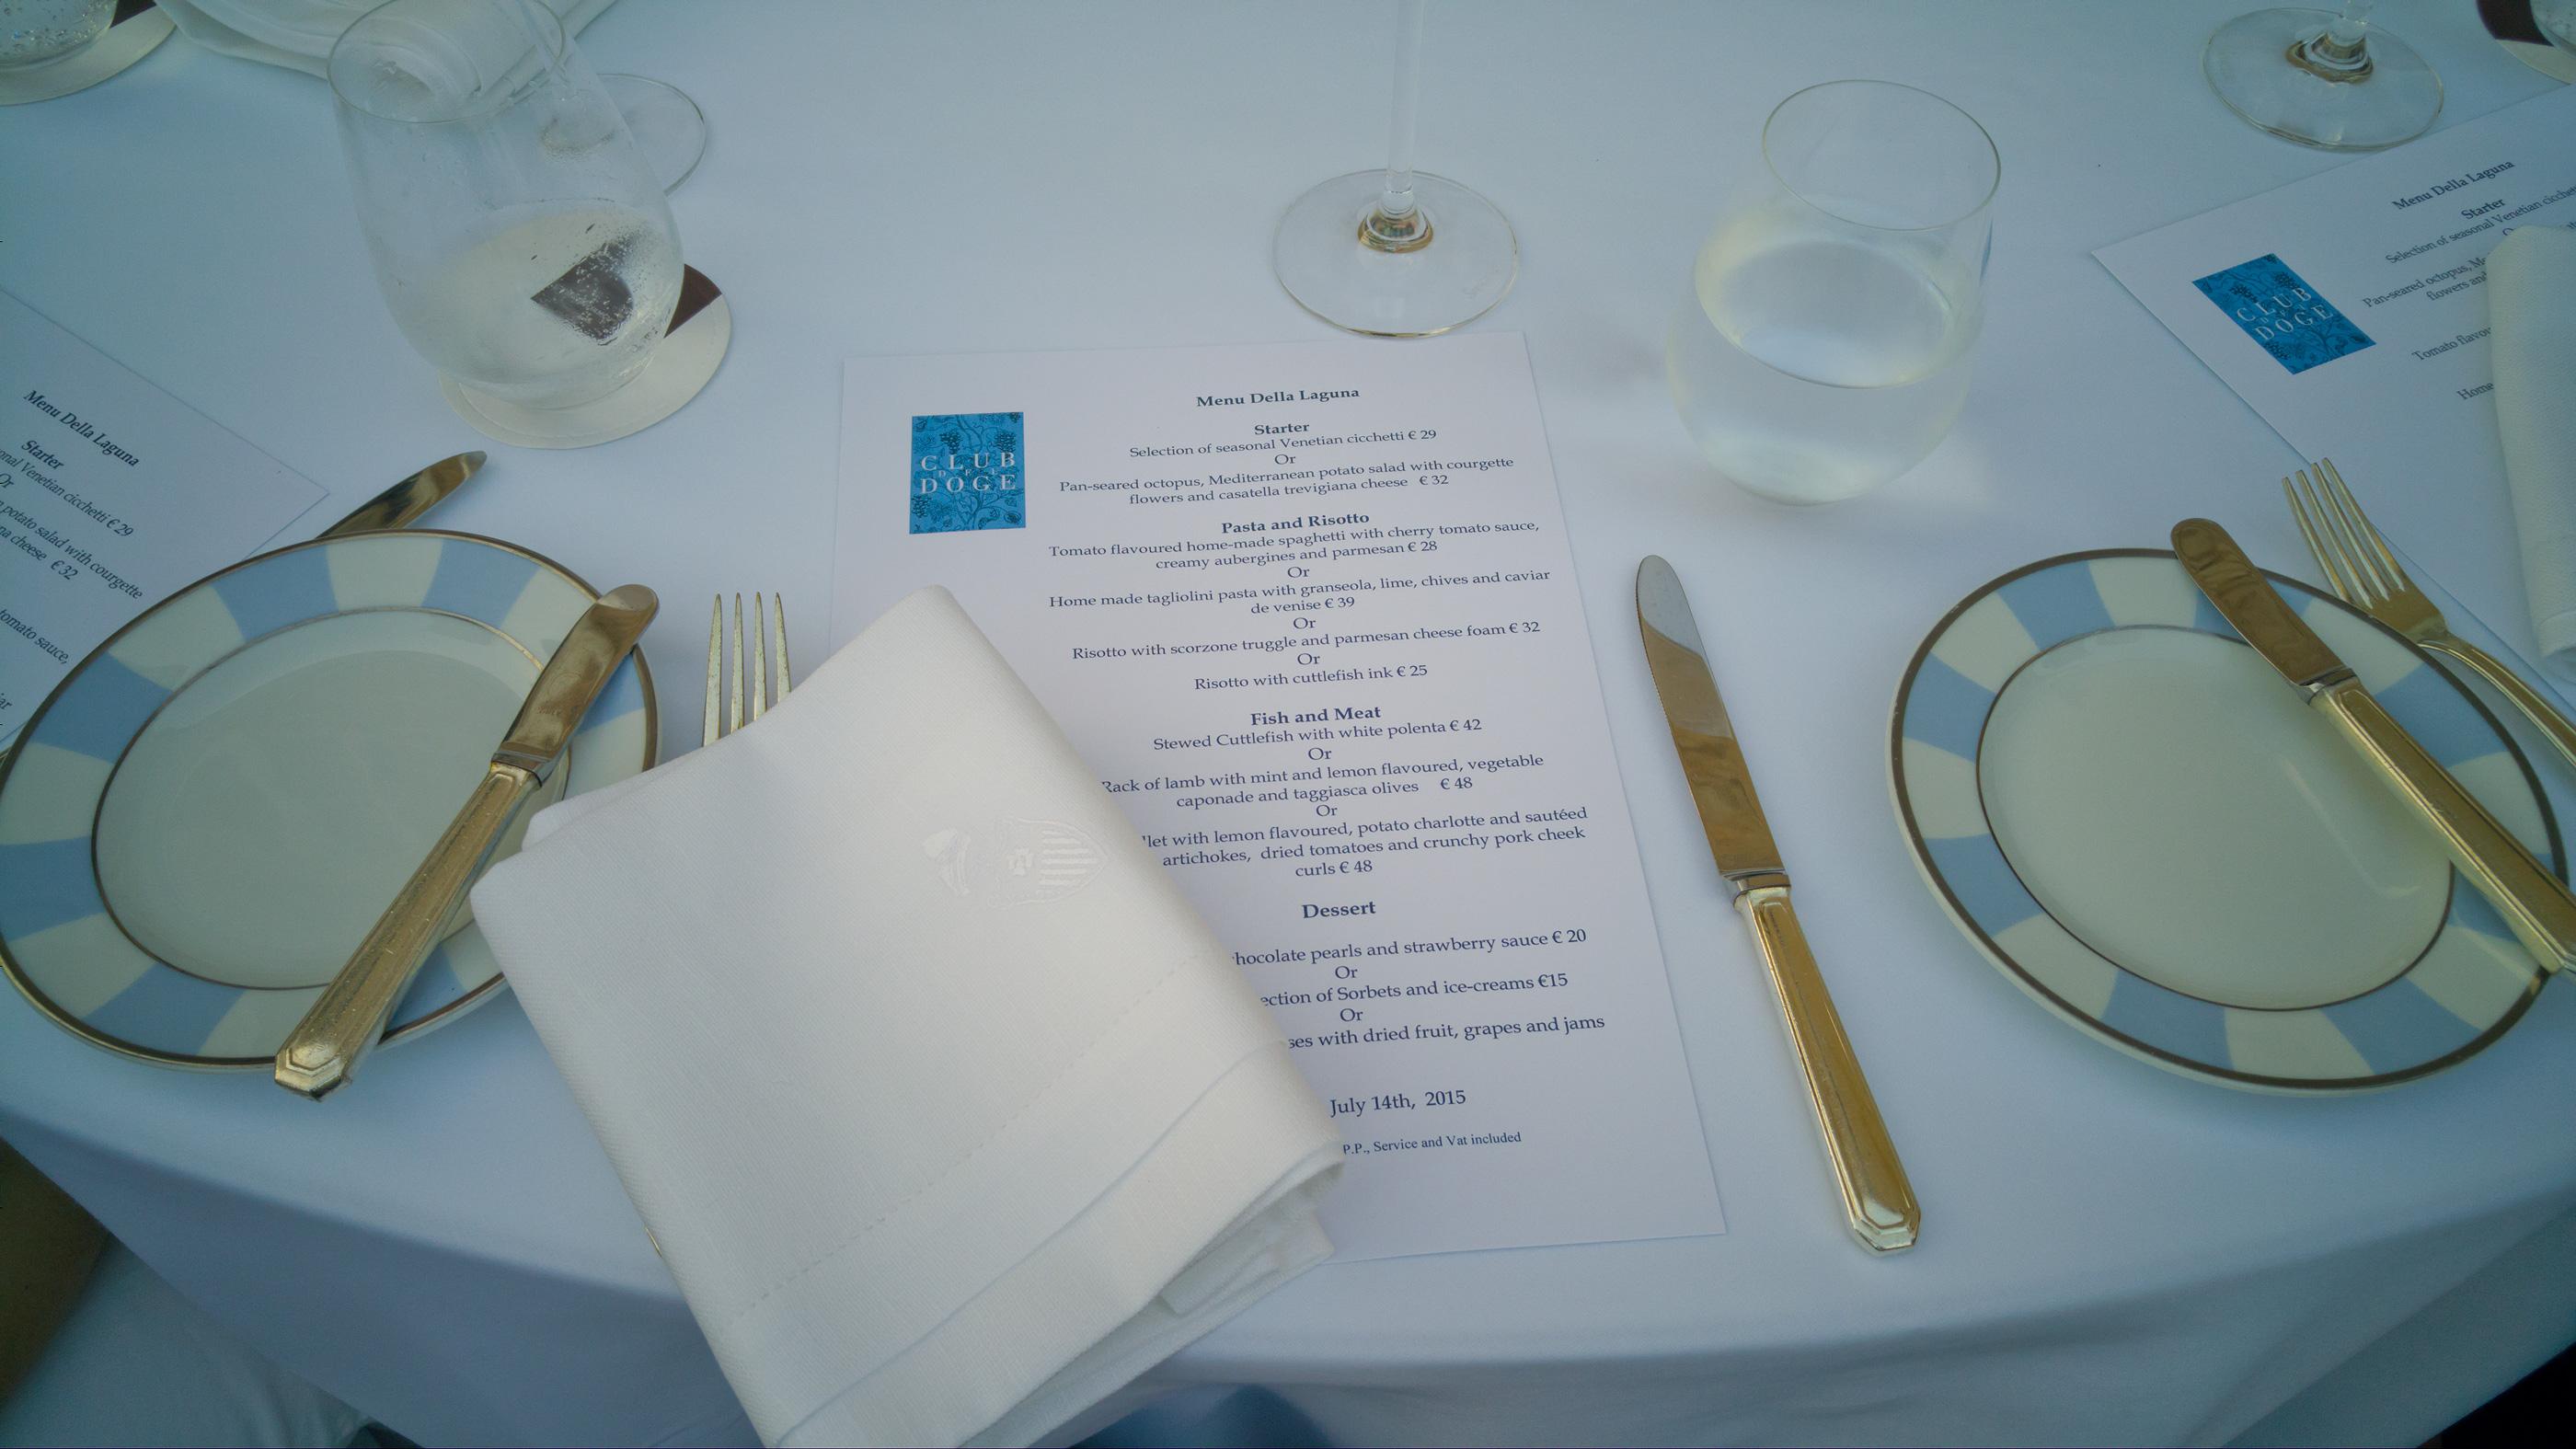 DINNER-IN-VENICE-LG-04